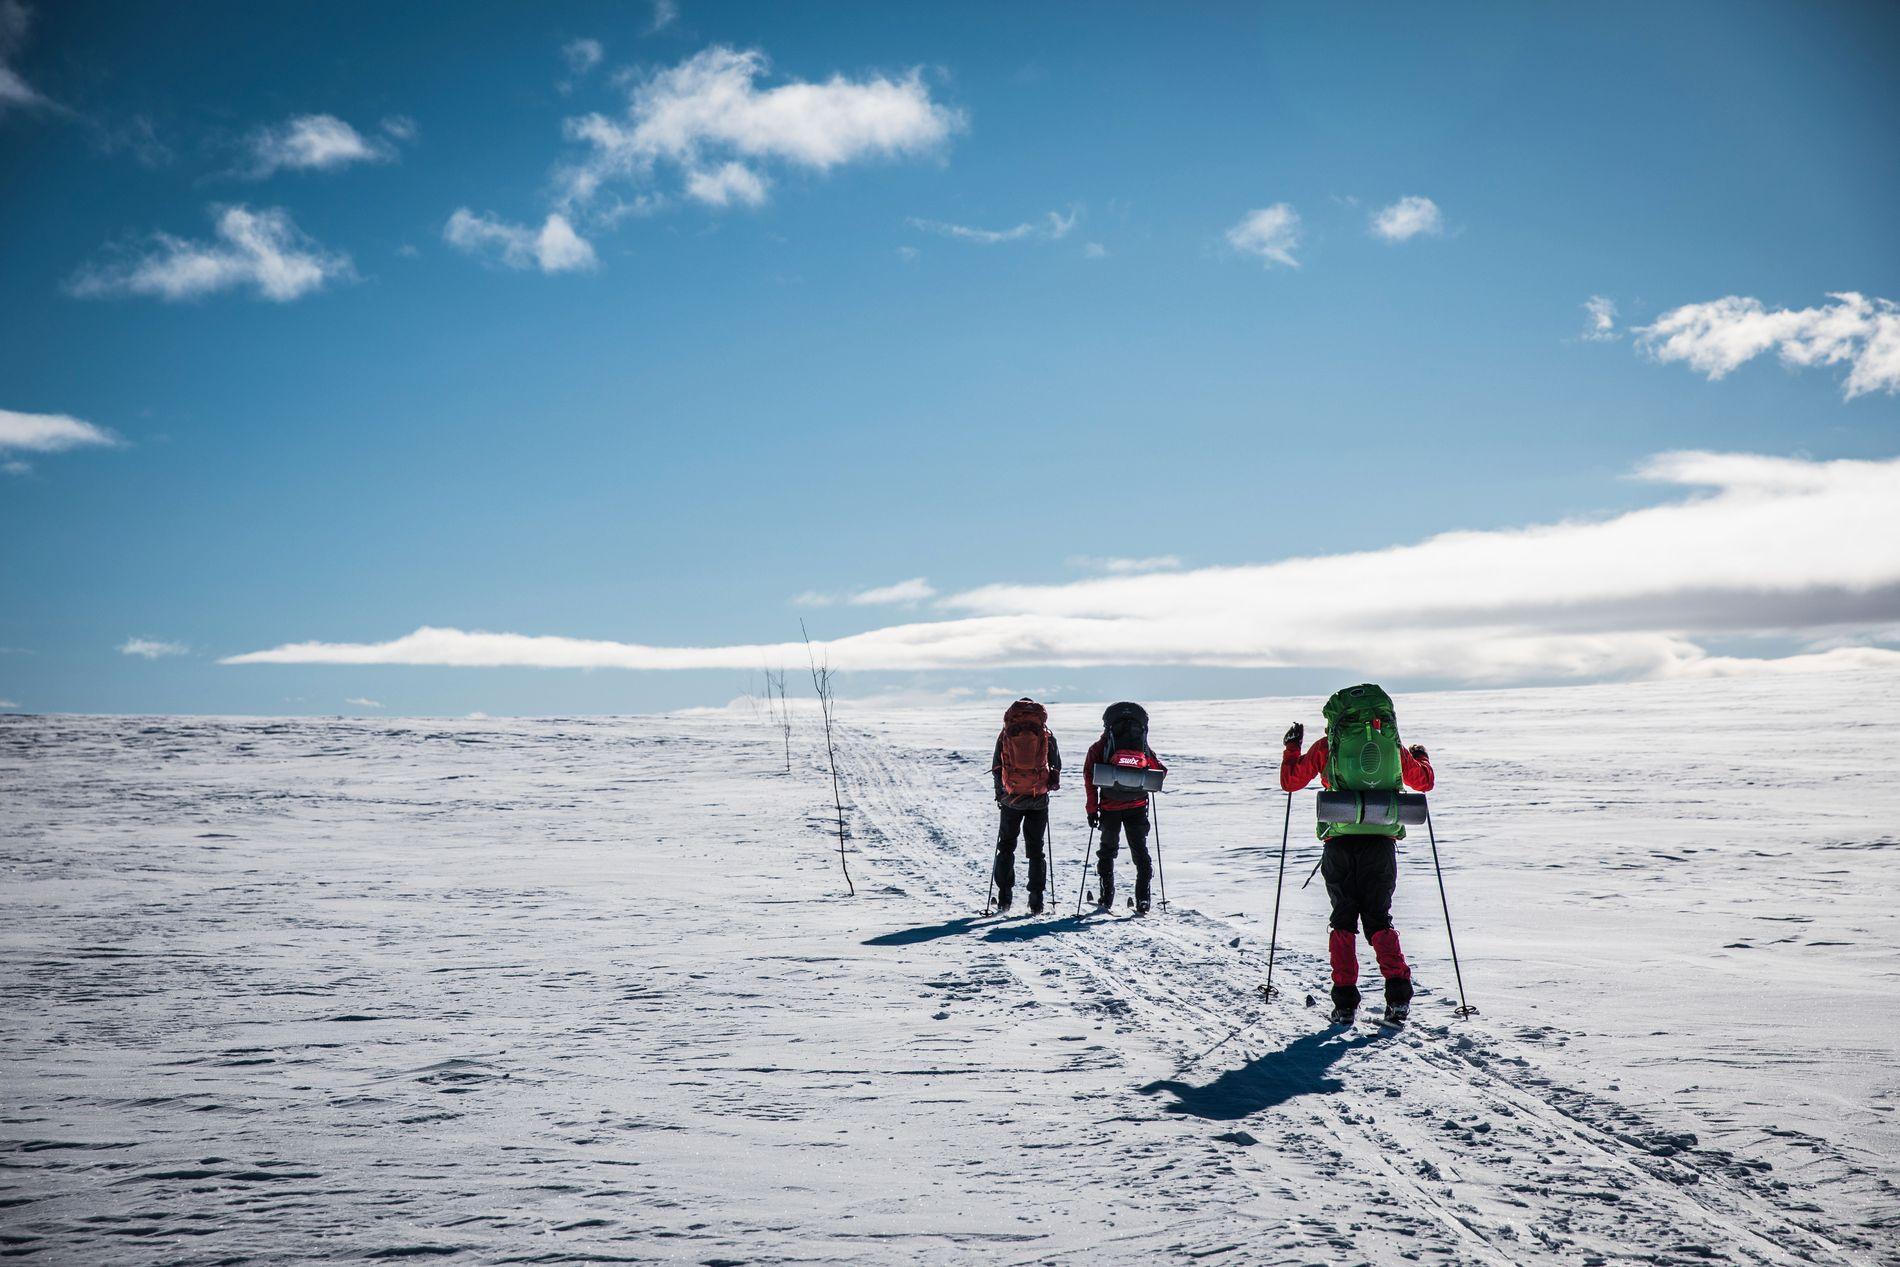 SKI: Alt ser ut til at det vil bli gode muligheter for å stå på ski i store deler av landet en lang stund fremover. Bildet er tatt på Hardangervidda ved en tidligere anledning.